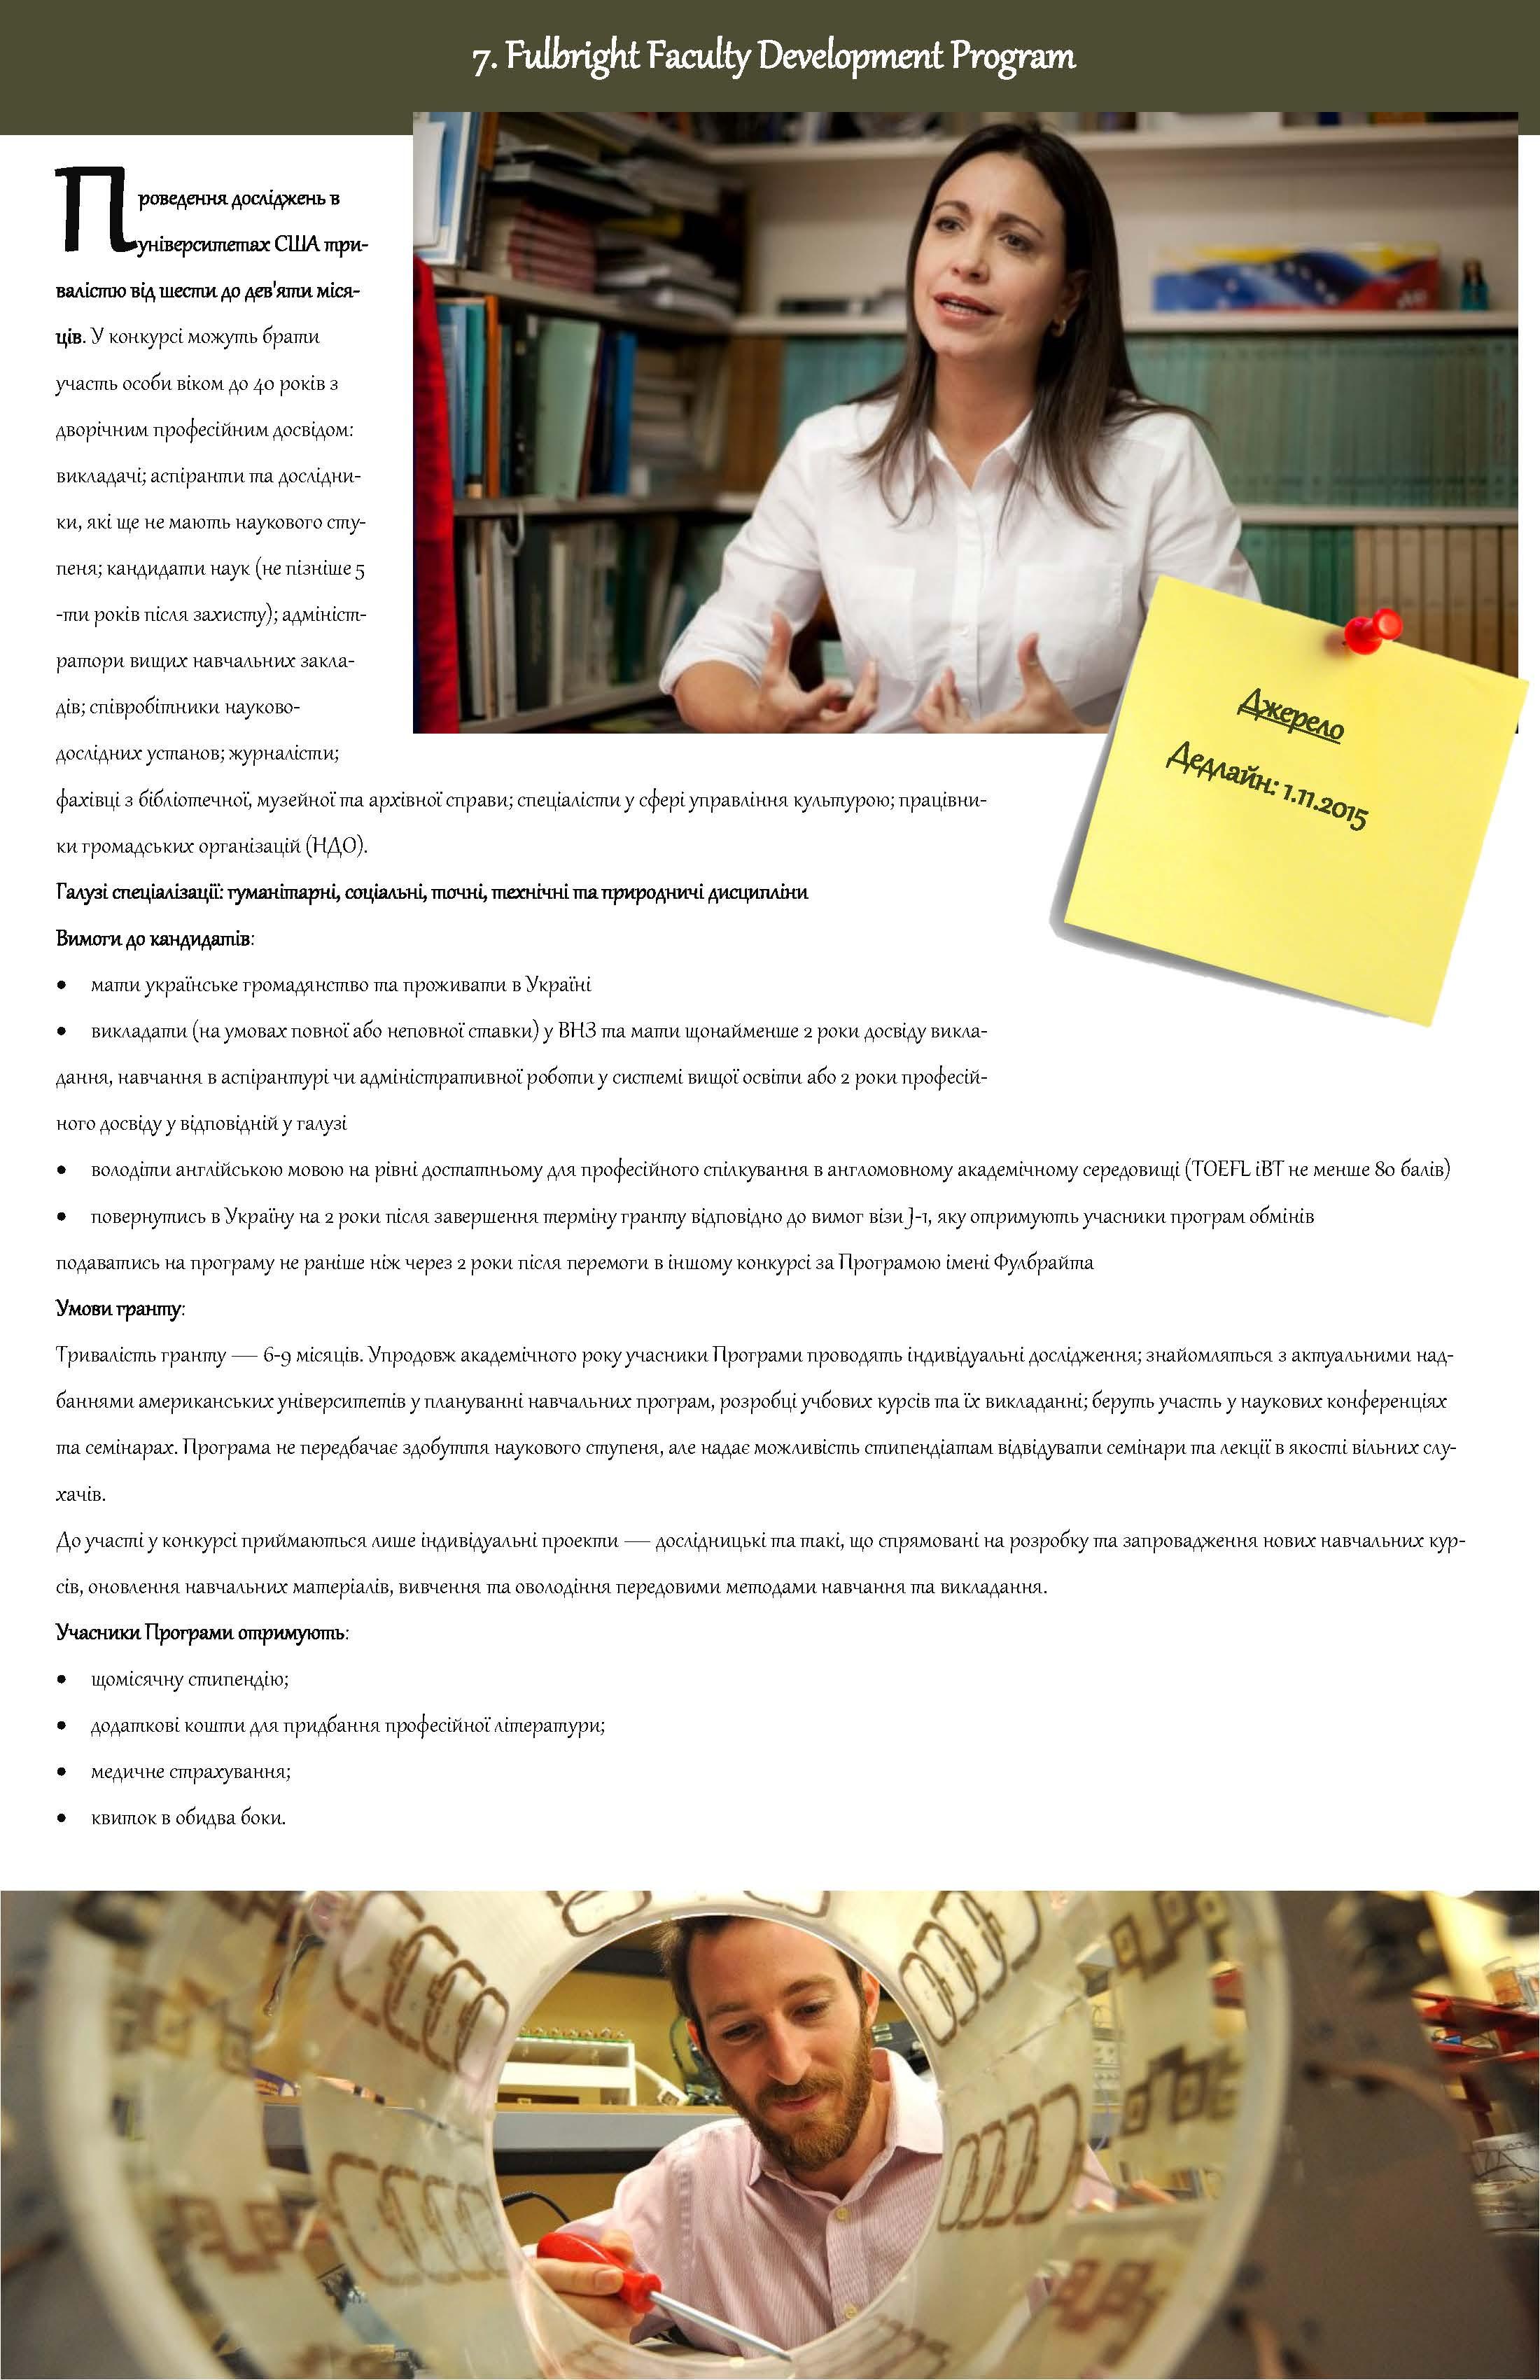 Fulbright Faculty Development Program (6-9 месяцев)